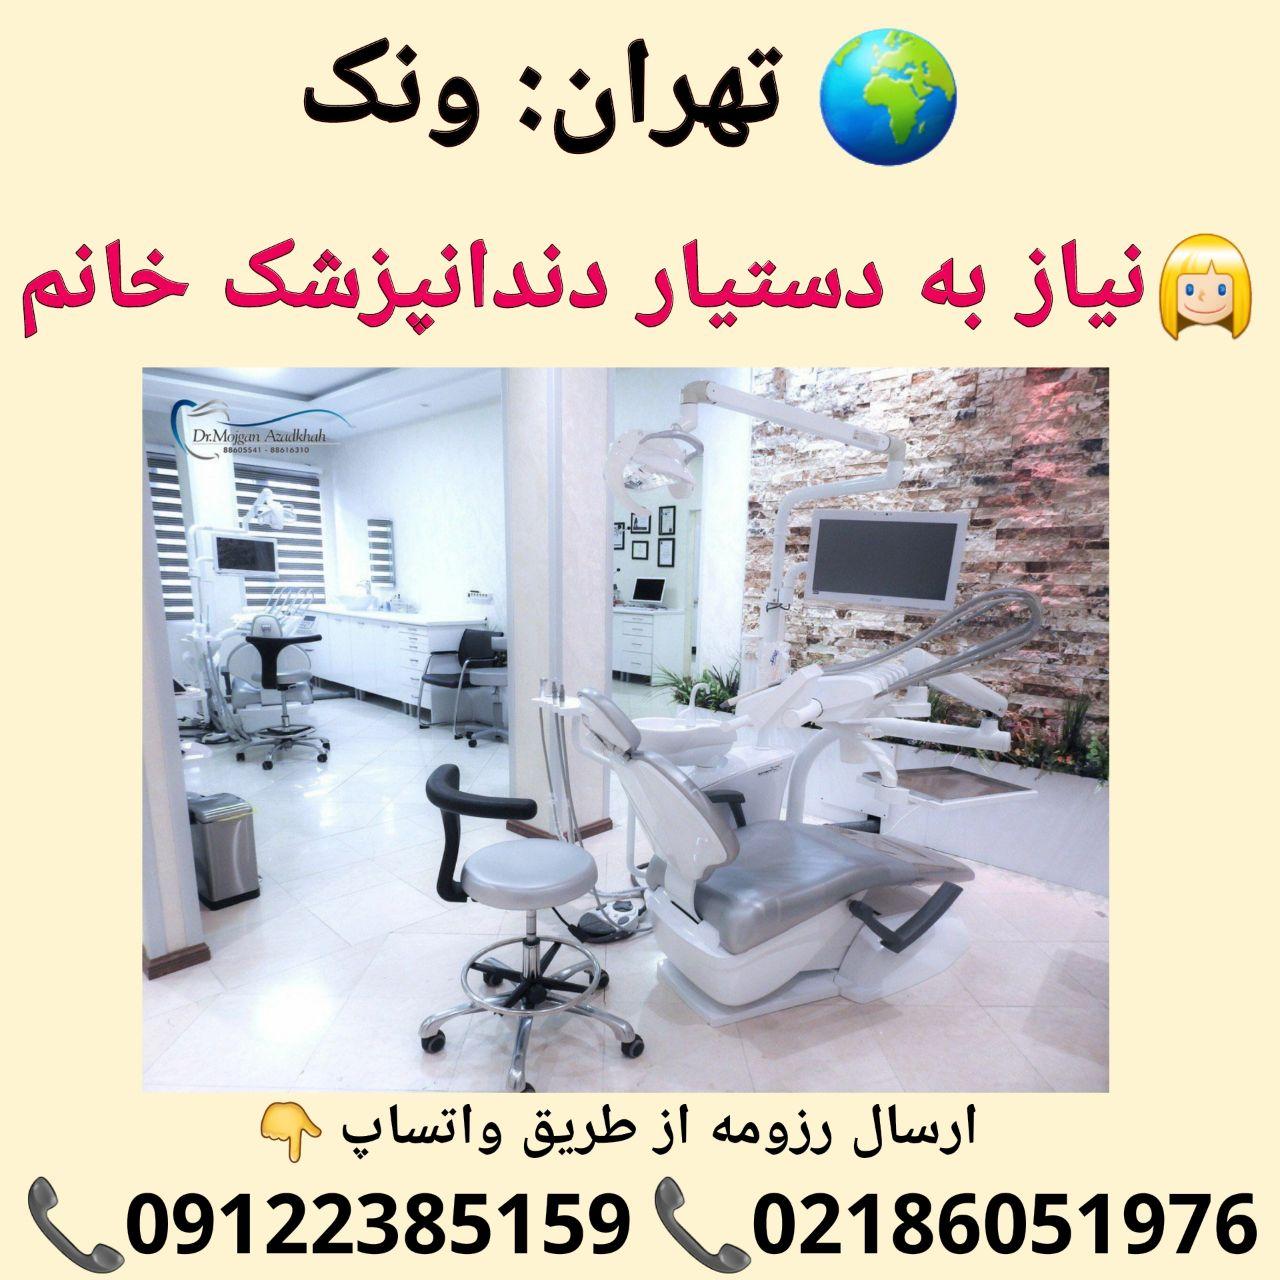 تهران: ونک، نیاز به دستیار دندانپزشک خانم